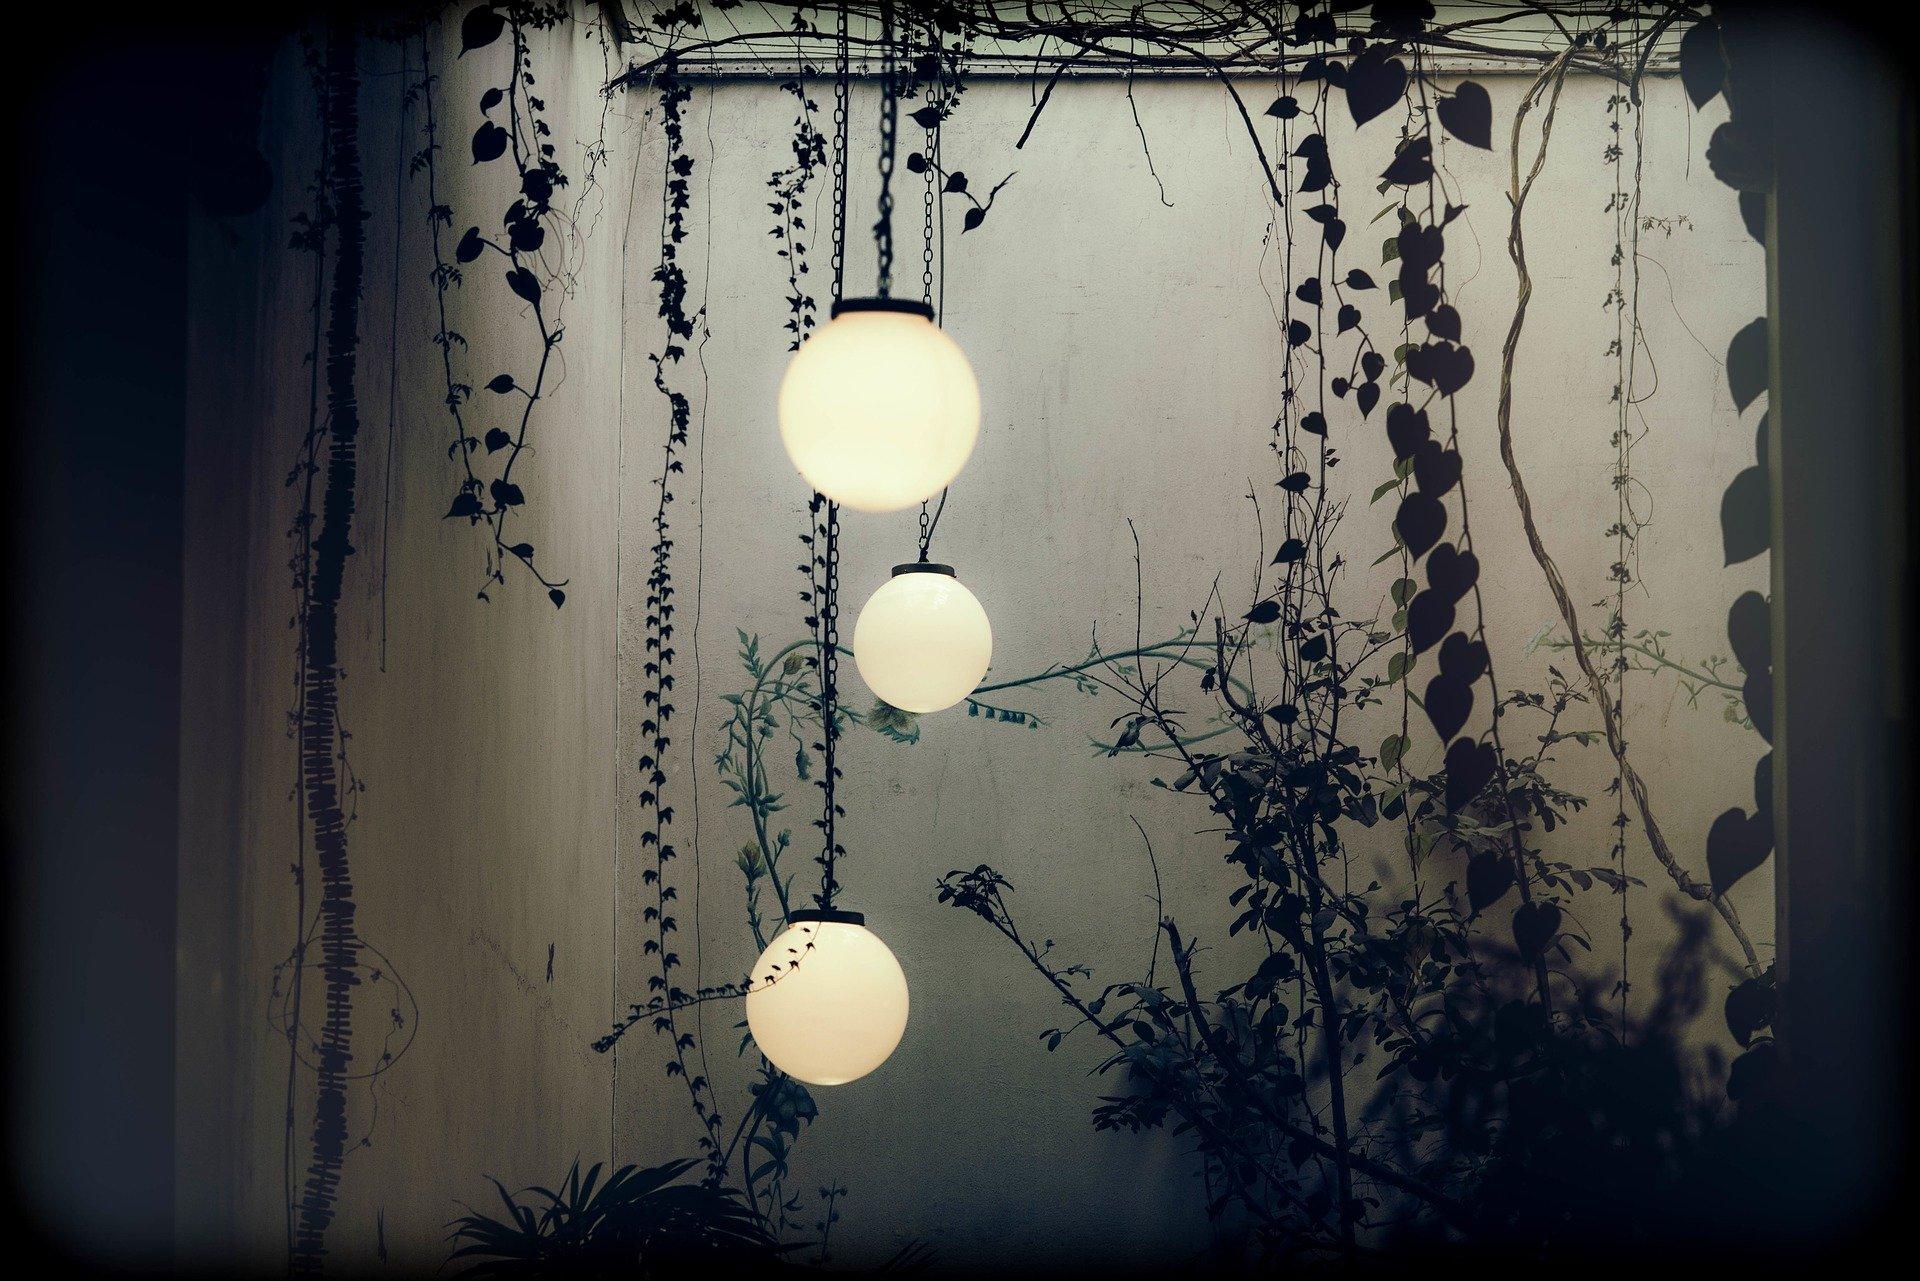 Hanging lights in garden